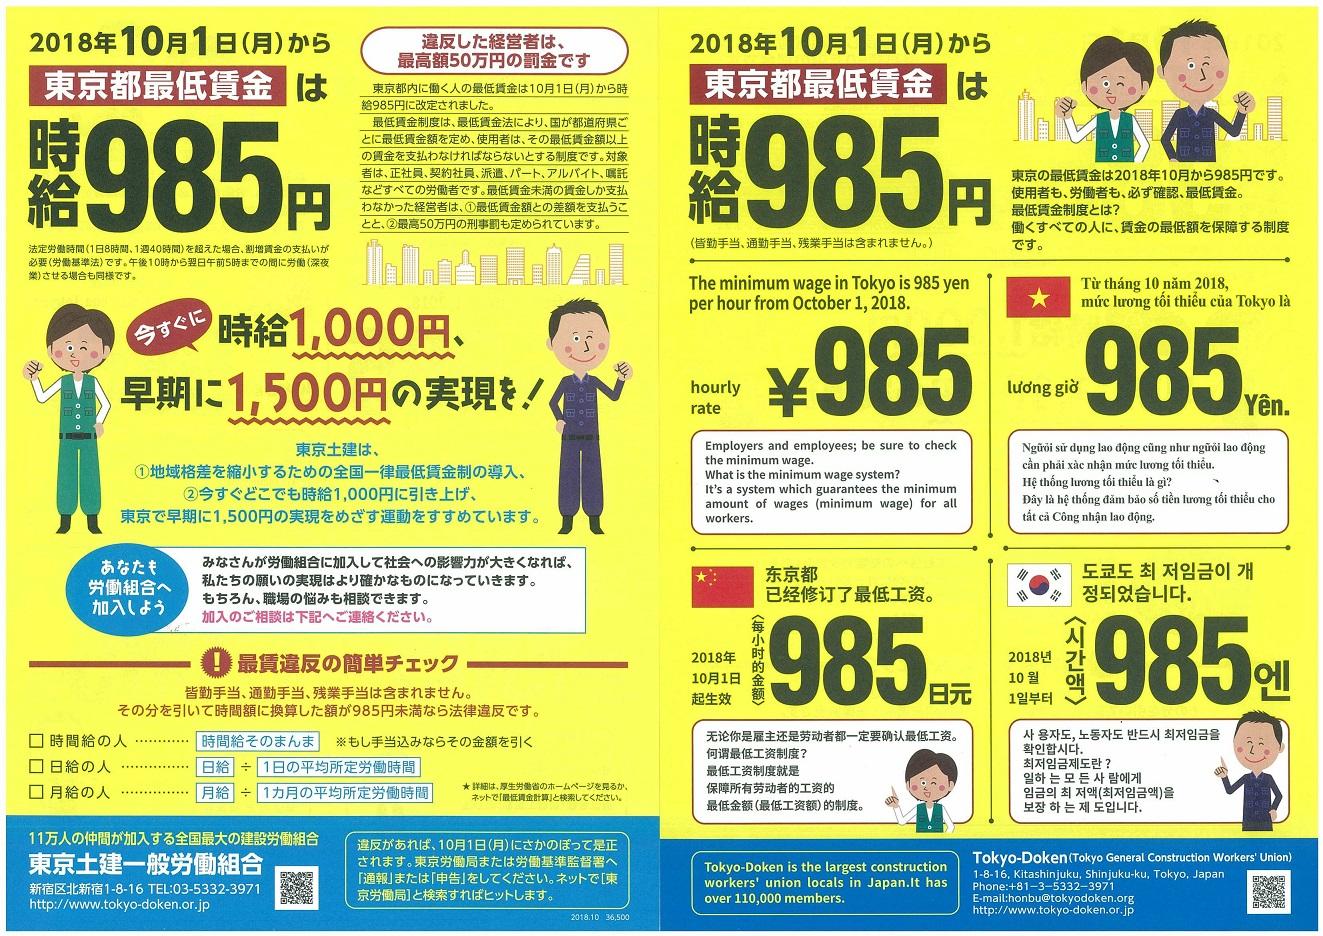 10月1日より最低賃金が引き上がります。//東京都は985円になります。///東京土建は、いますぐ1000円、早期に1500円を要求しています。